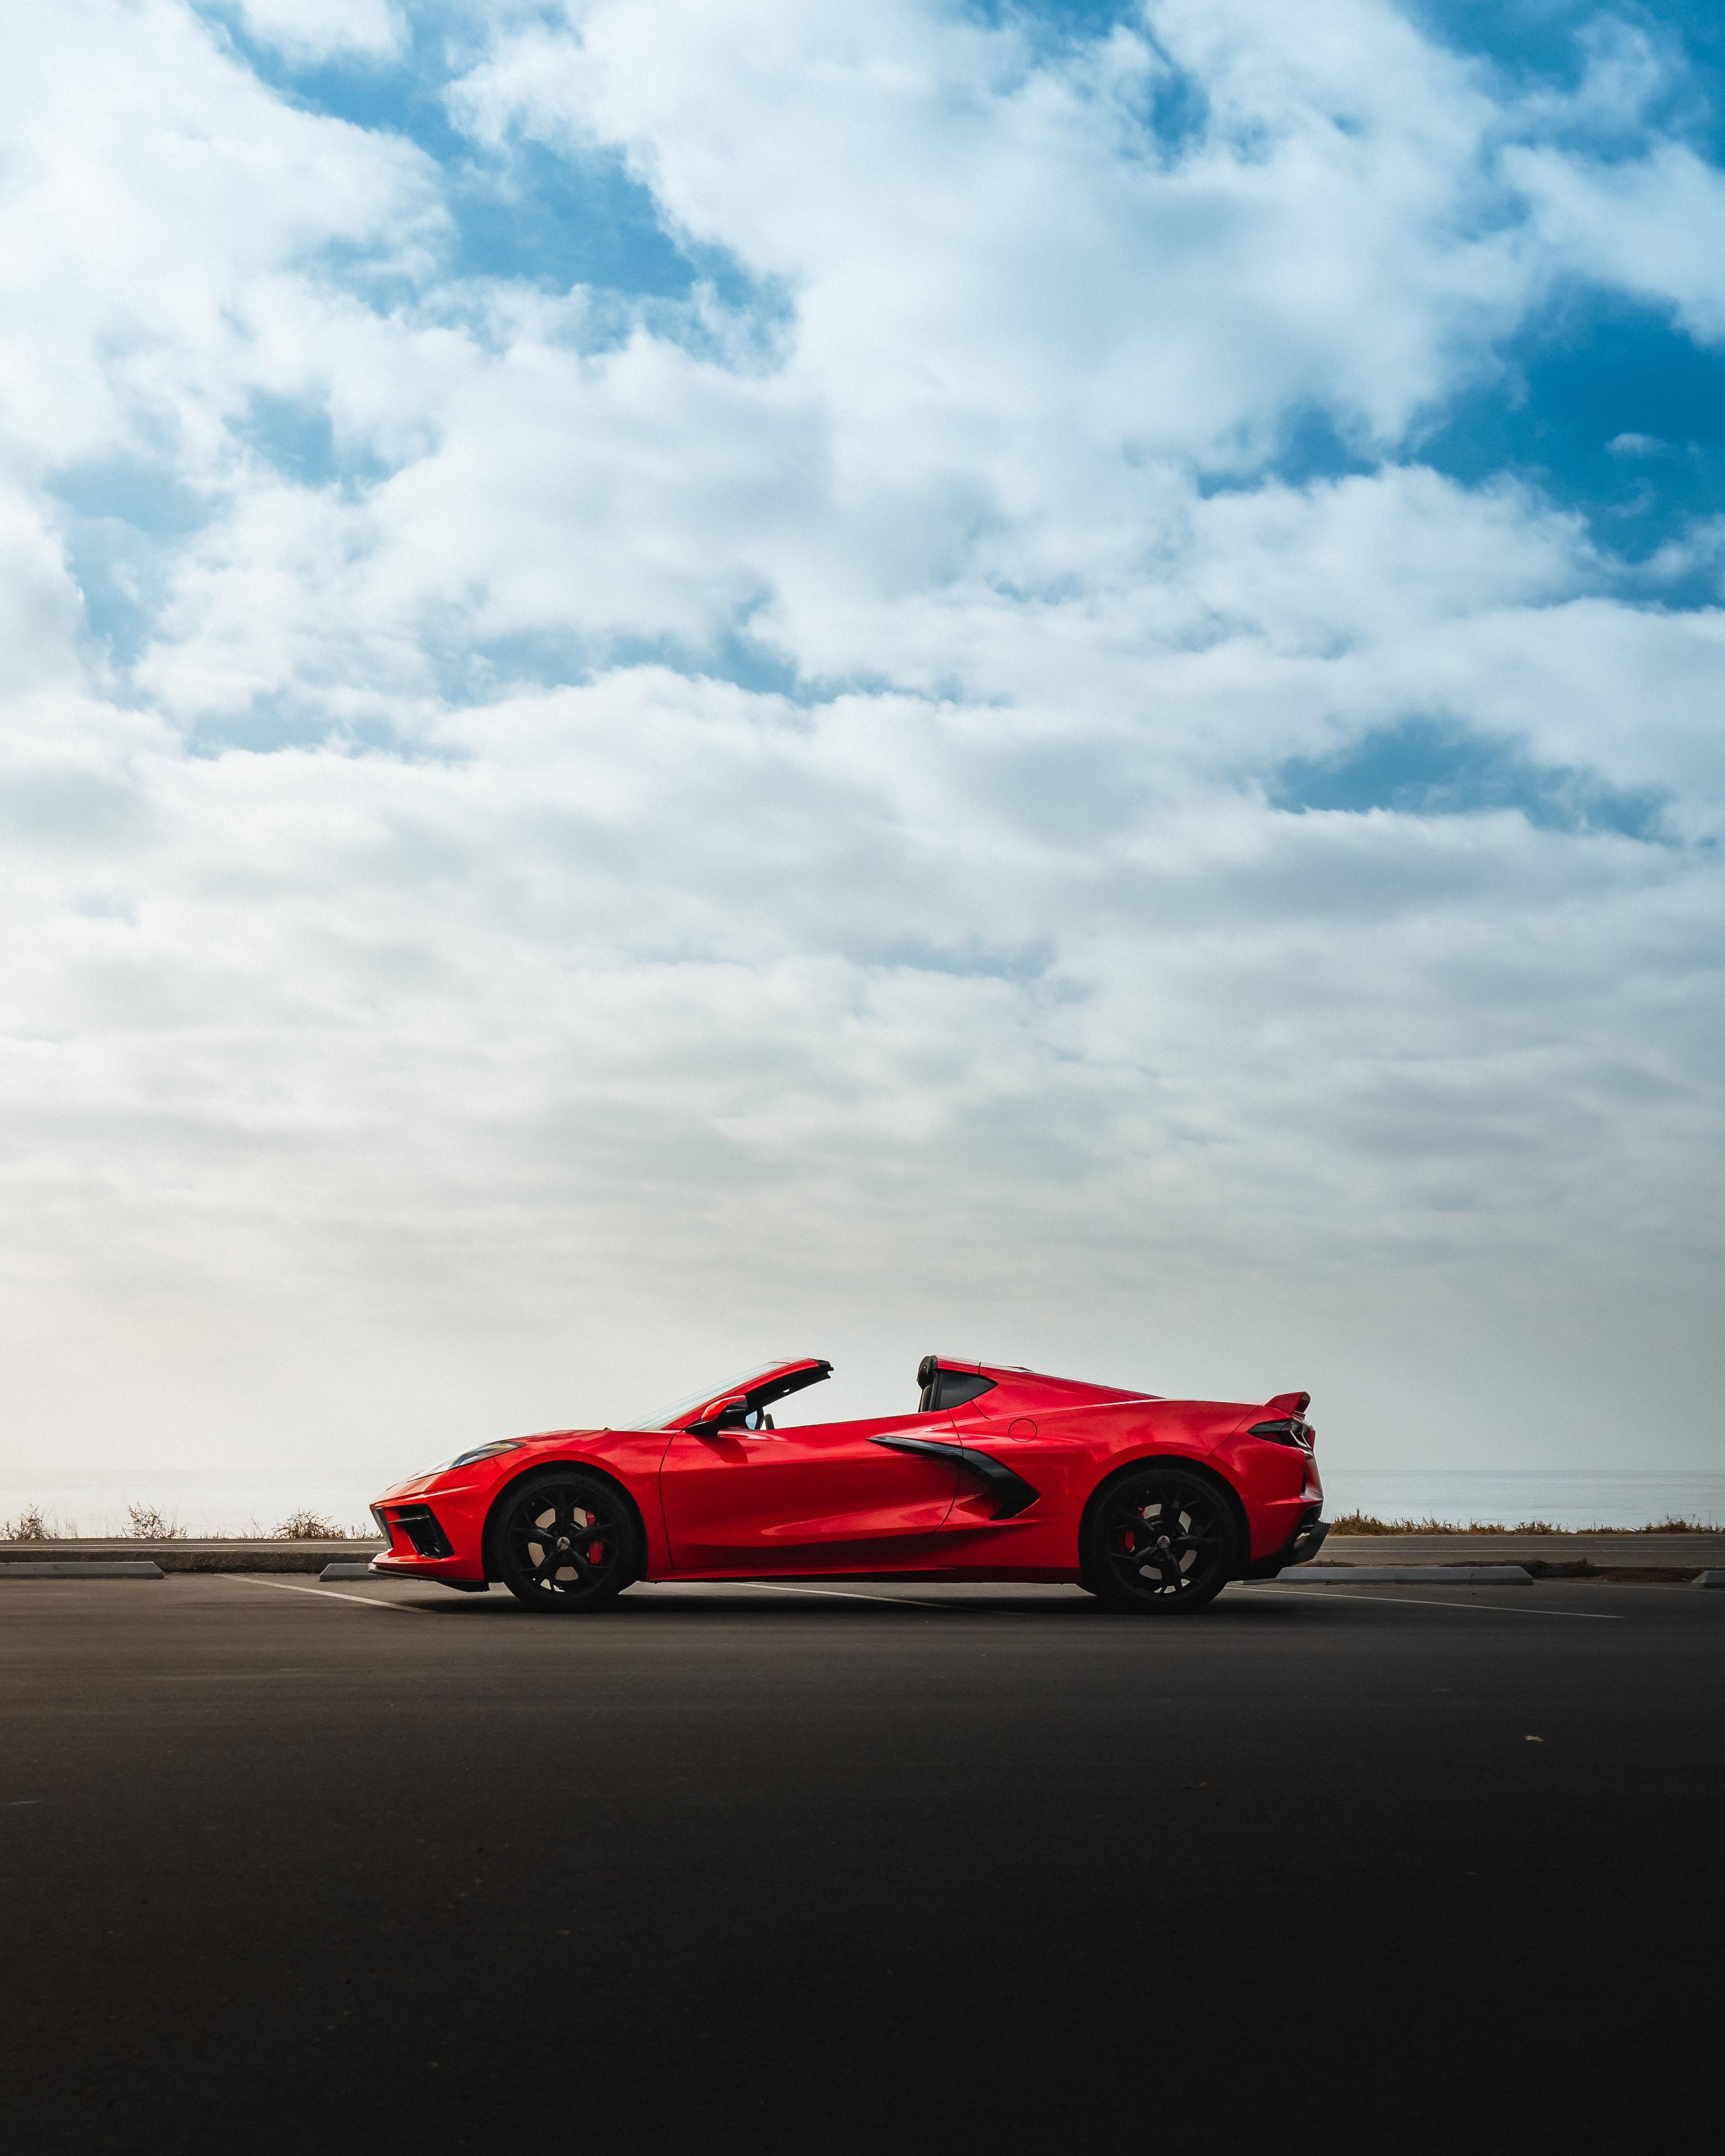 83766 скачать обои Тачки (Cars), Красный, Автомобиль, Спорткар, Вид Сбоку, Corvette, Суперкар, Corvette C8 - заставки и картинки бесплатно